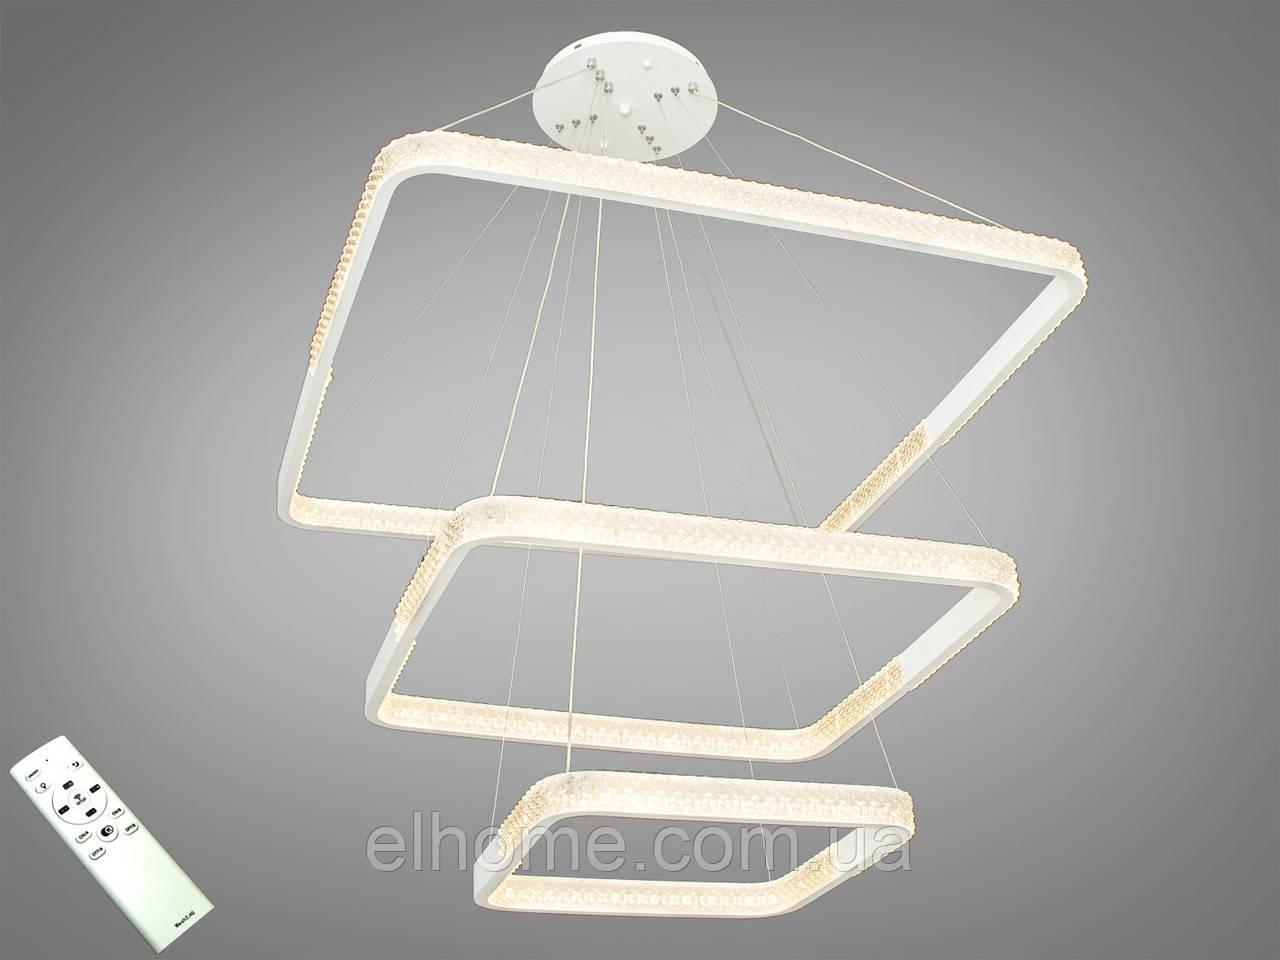 Современная светодиодная люстра с диммером, 200W